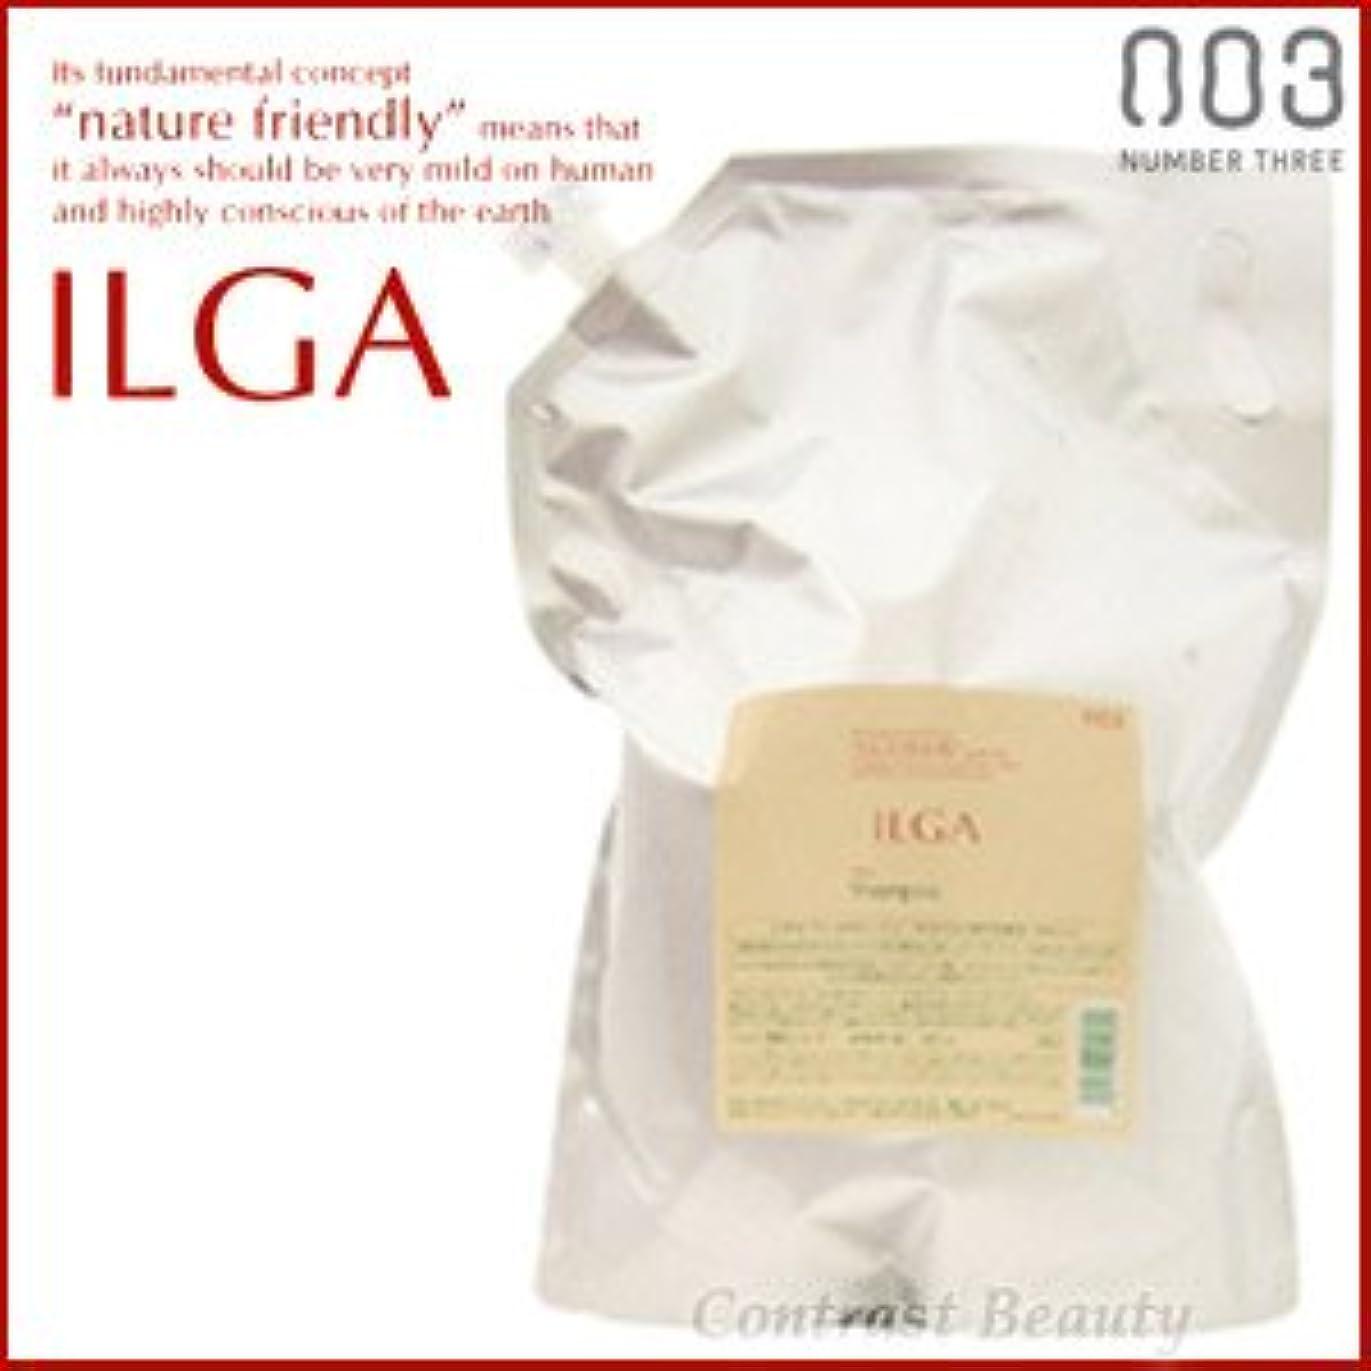 クーポンキッチンみなす【X3個セット】 ナンバースリー ILGA/イルガ 薬用シャンプー 3L 詰替え用 (医薬部外品)